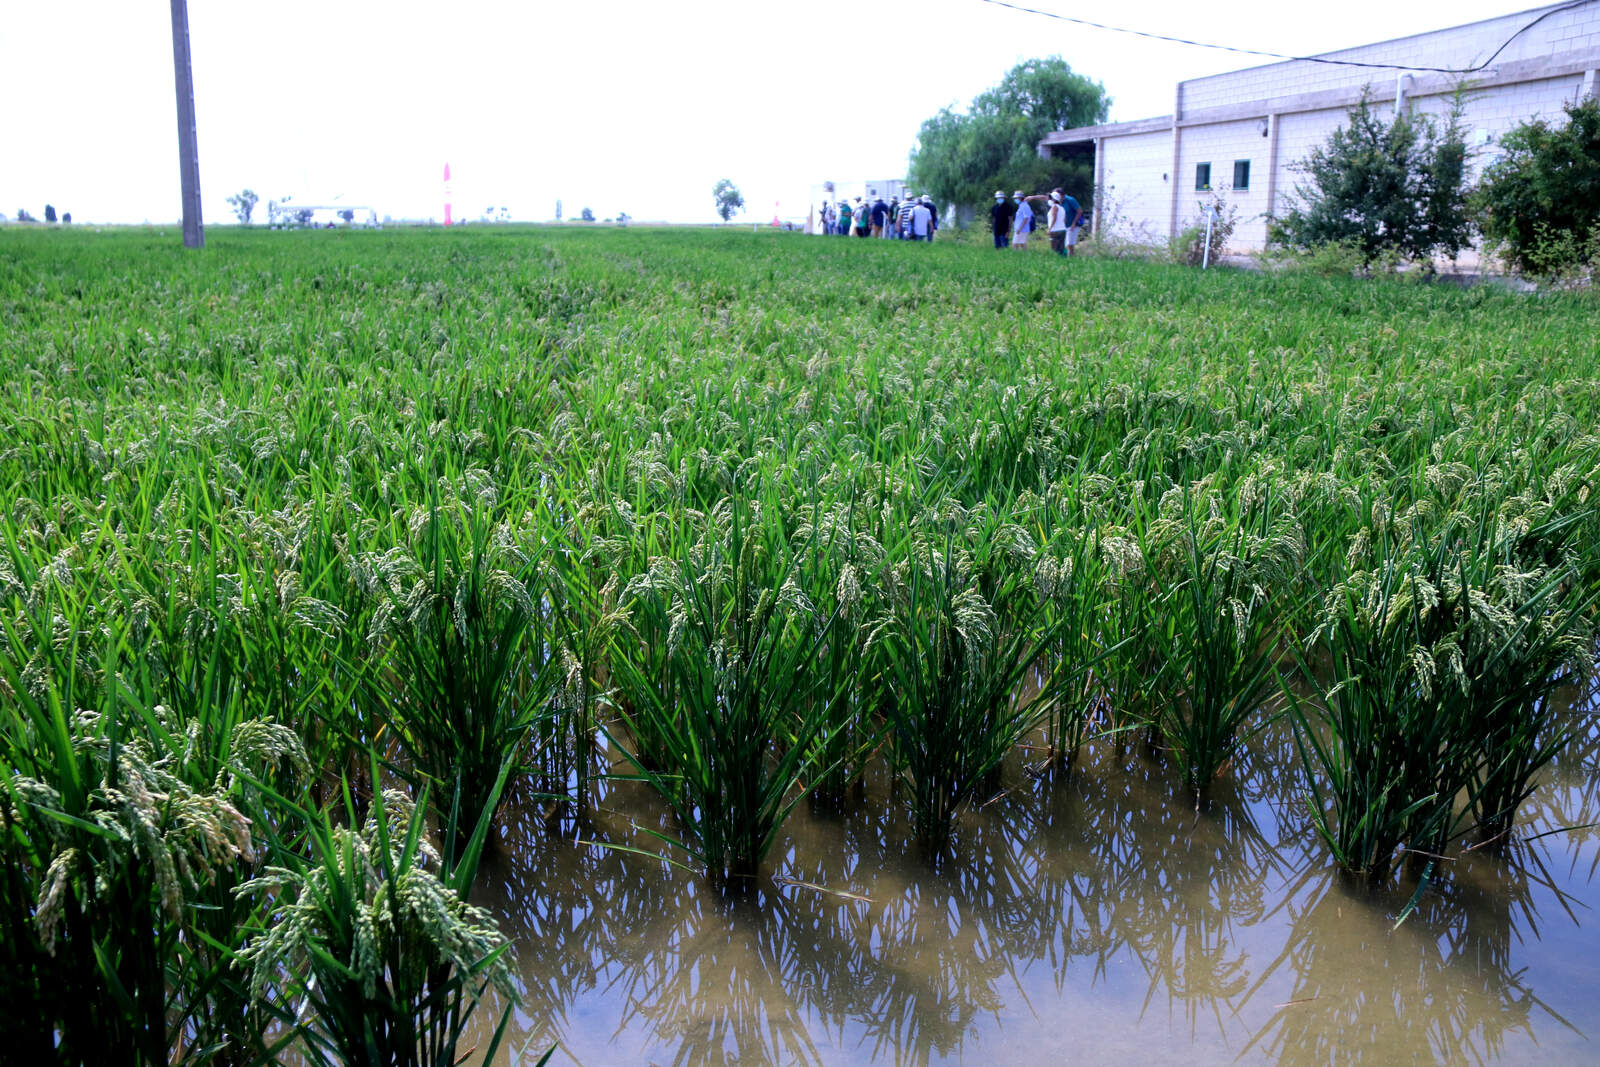 Un dels camps d'arròs de l'estació de l'Ebre de l'IRTA